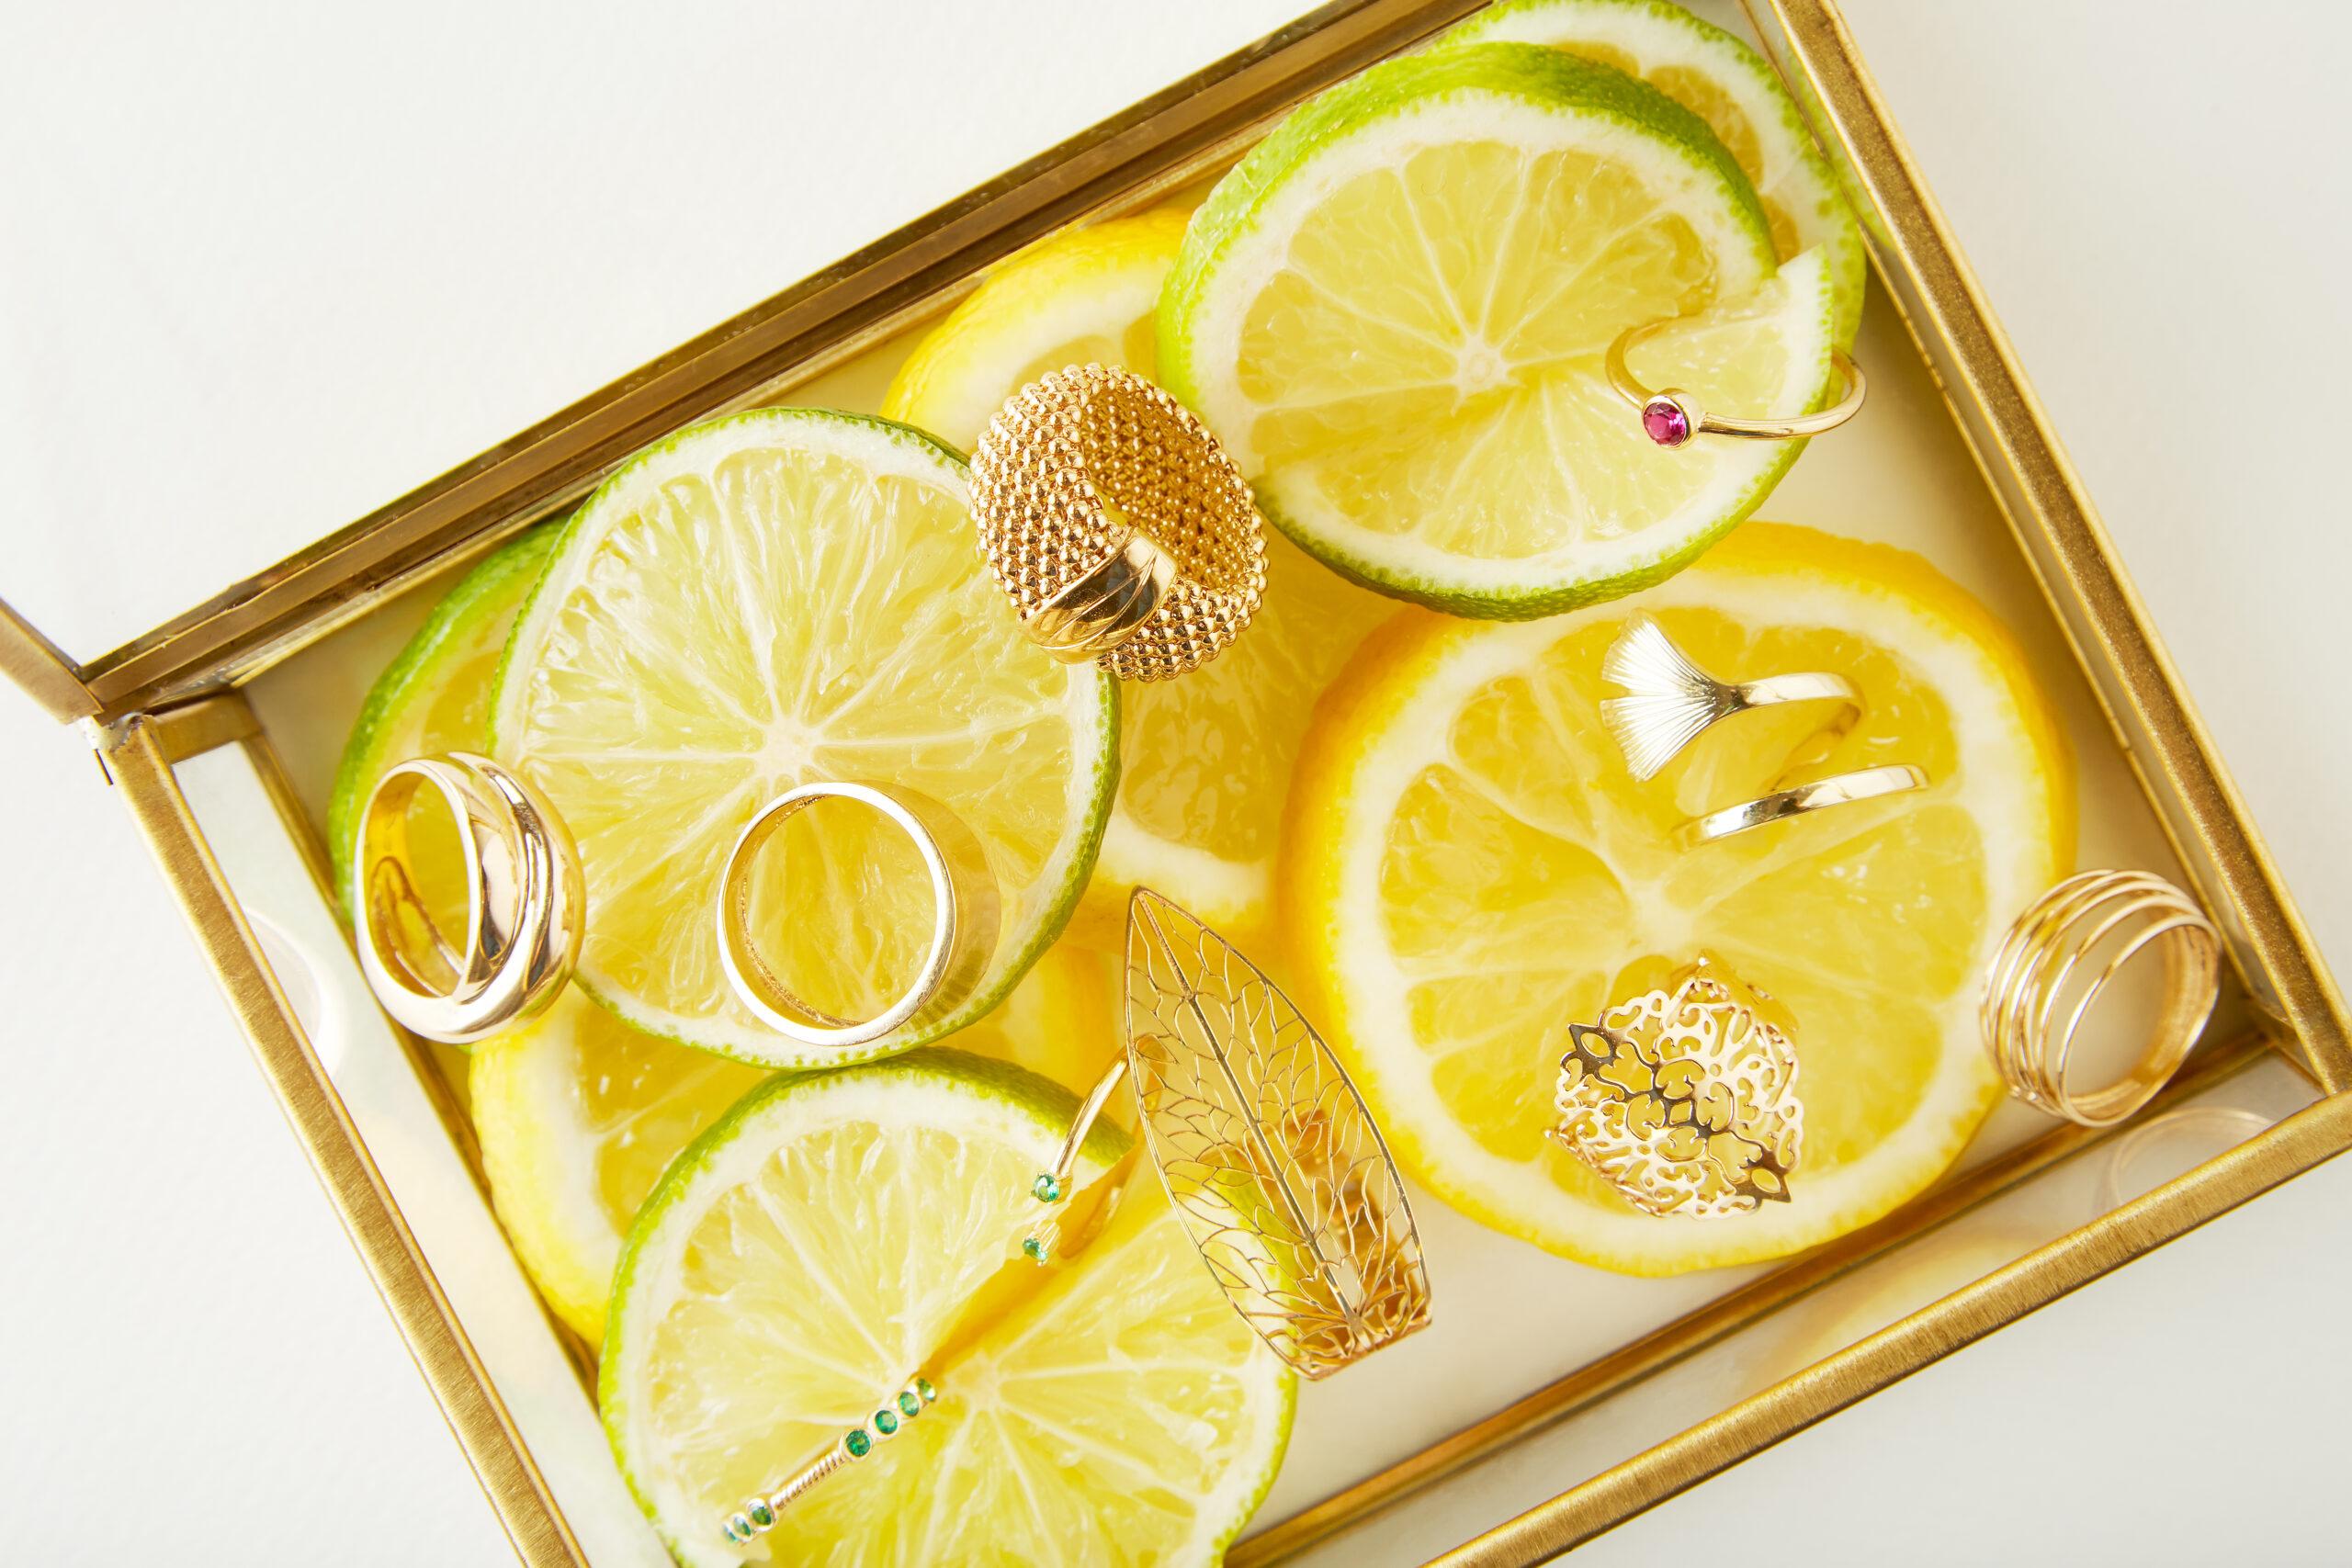 Aranjament cutie cu felii de lămâi și diferite modele de inele din aur Lemons and Gin